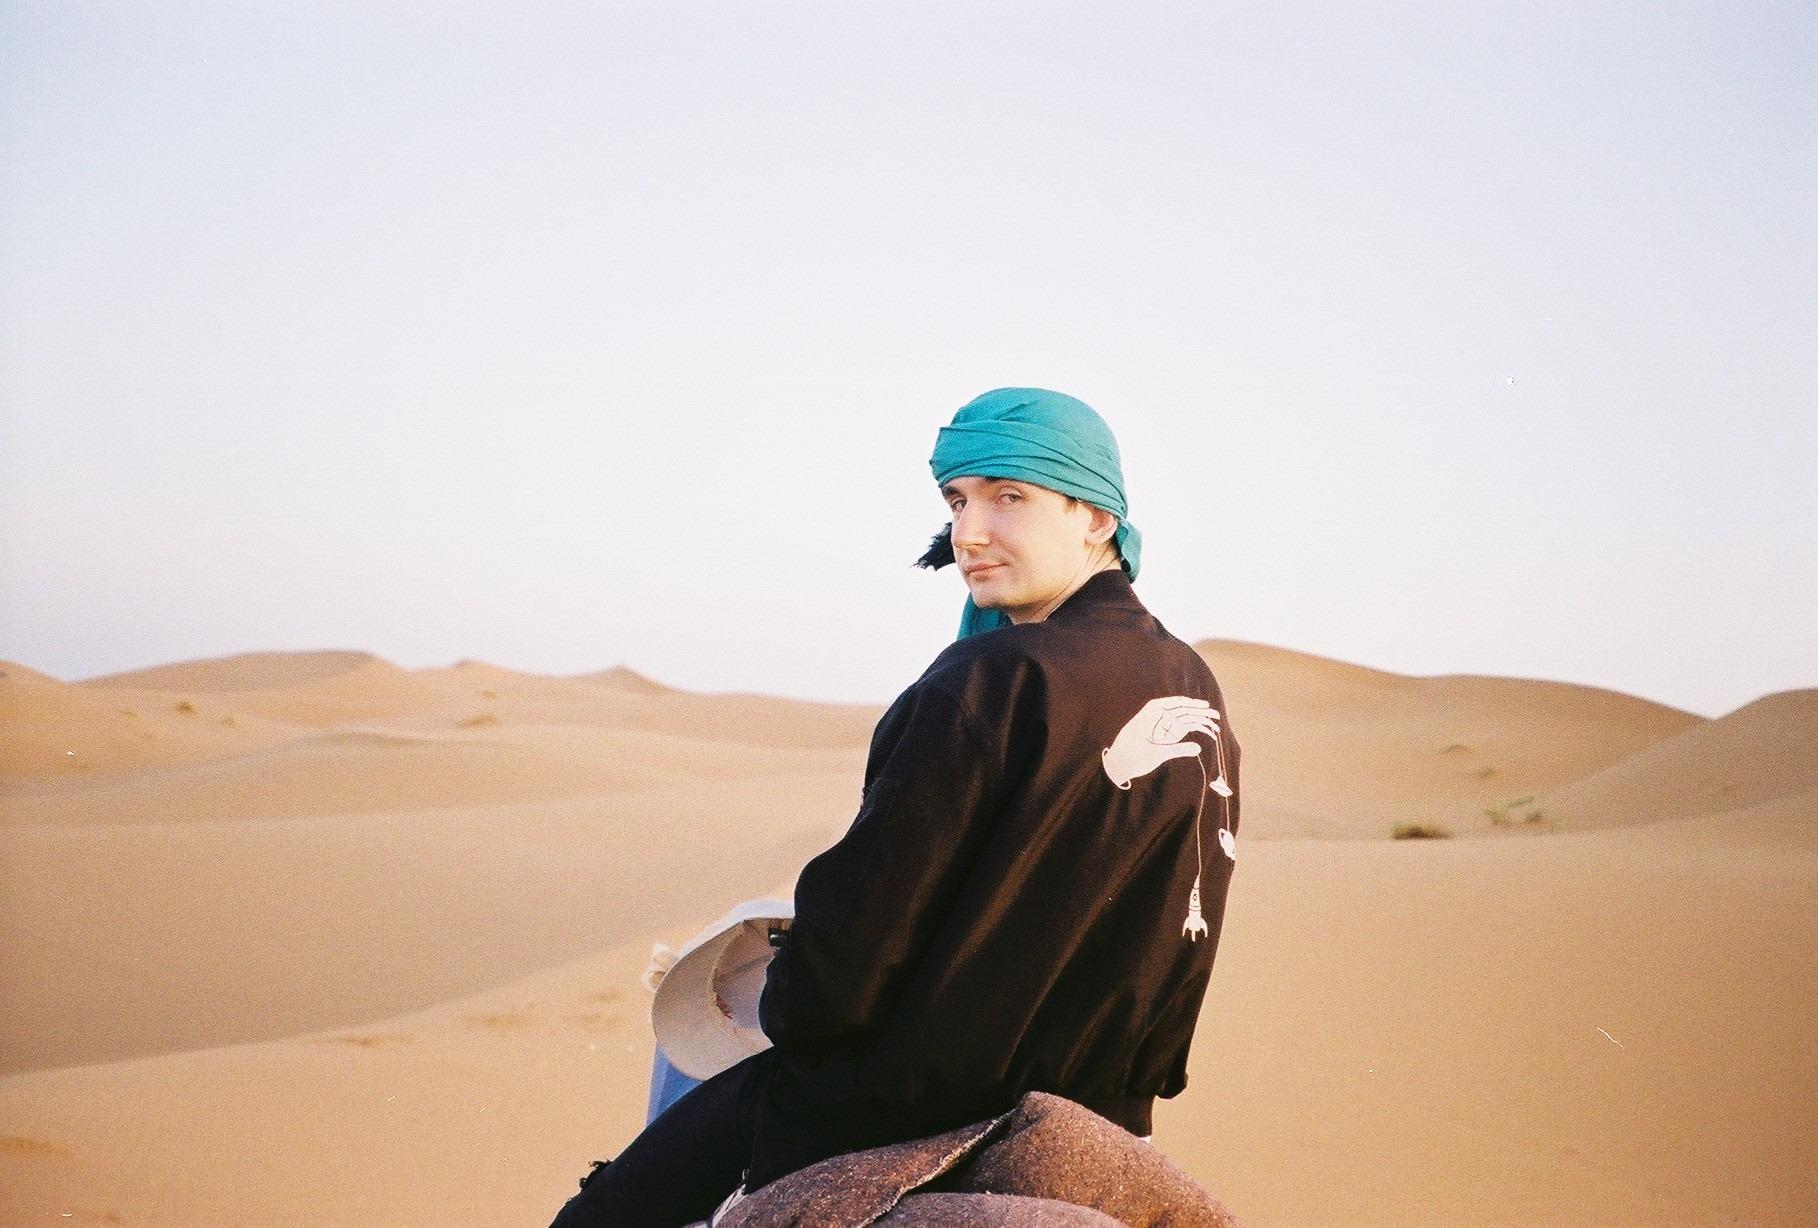 Сахара Фото, Путешествие в Сахару, Марокко фото, Люди в пустыне фото